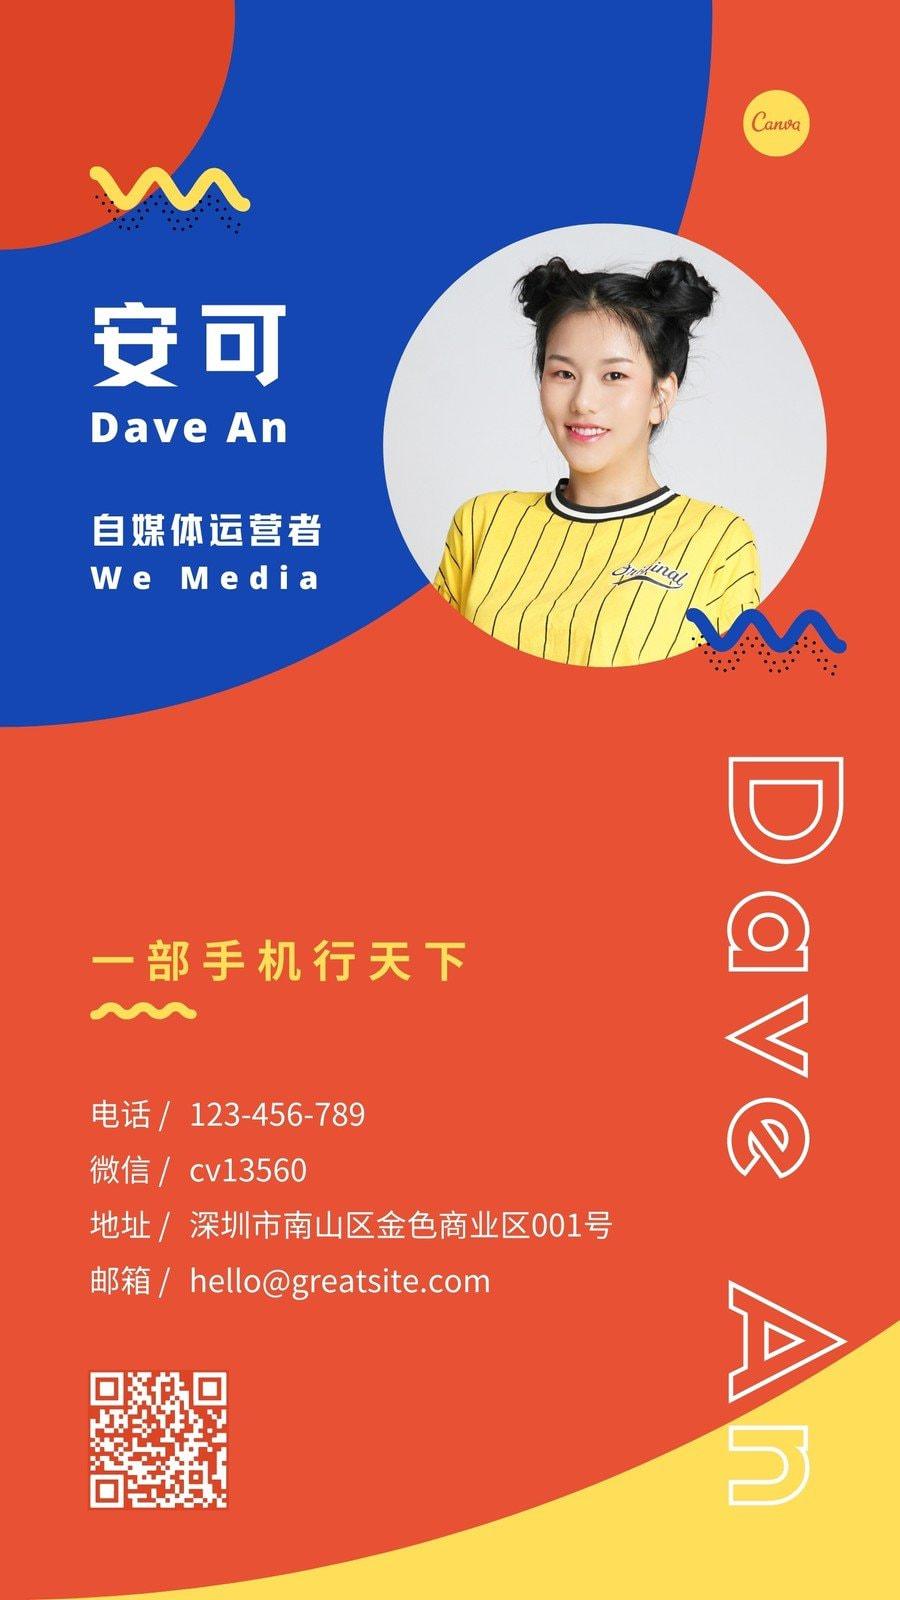 红黄色自媒体运营几何图案几何个人介绍中文电子名片